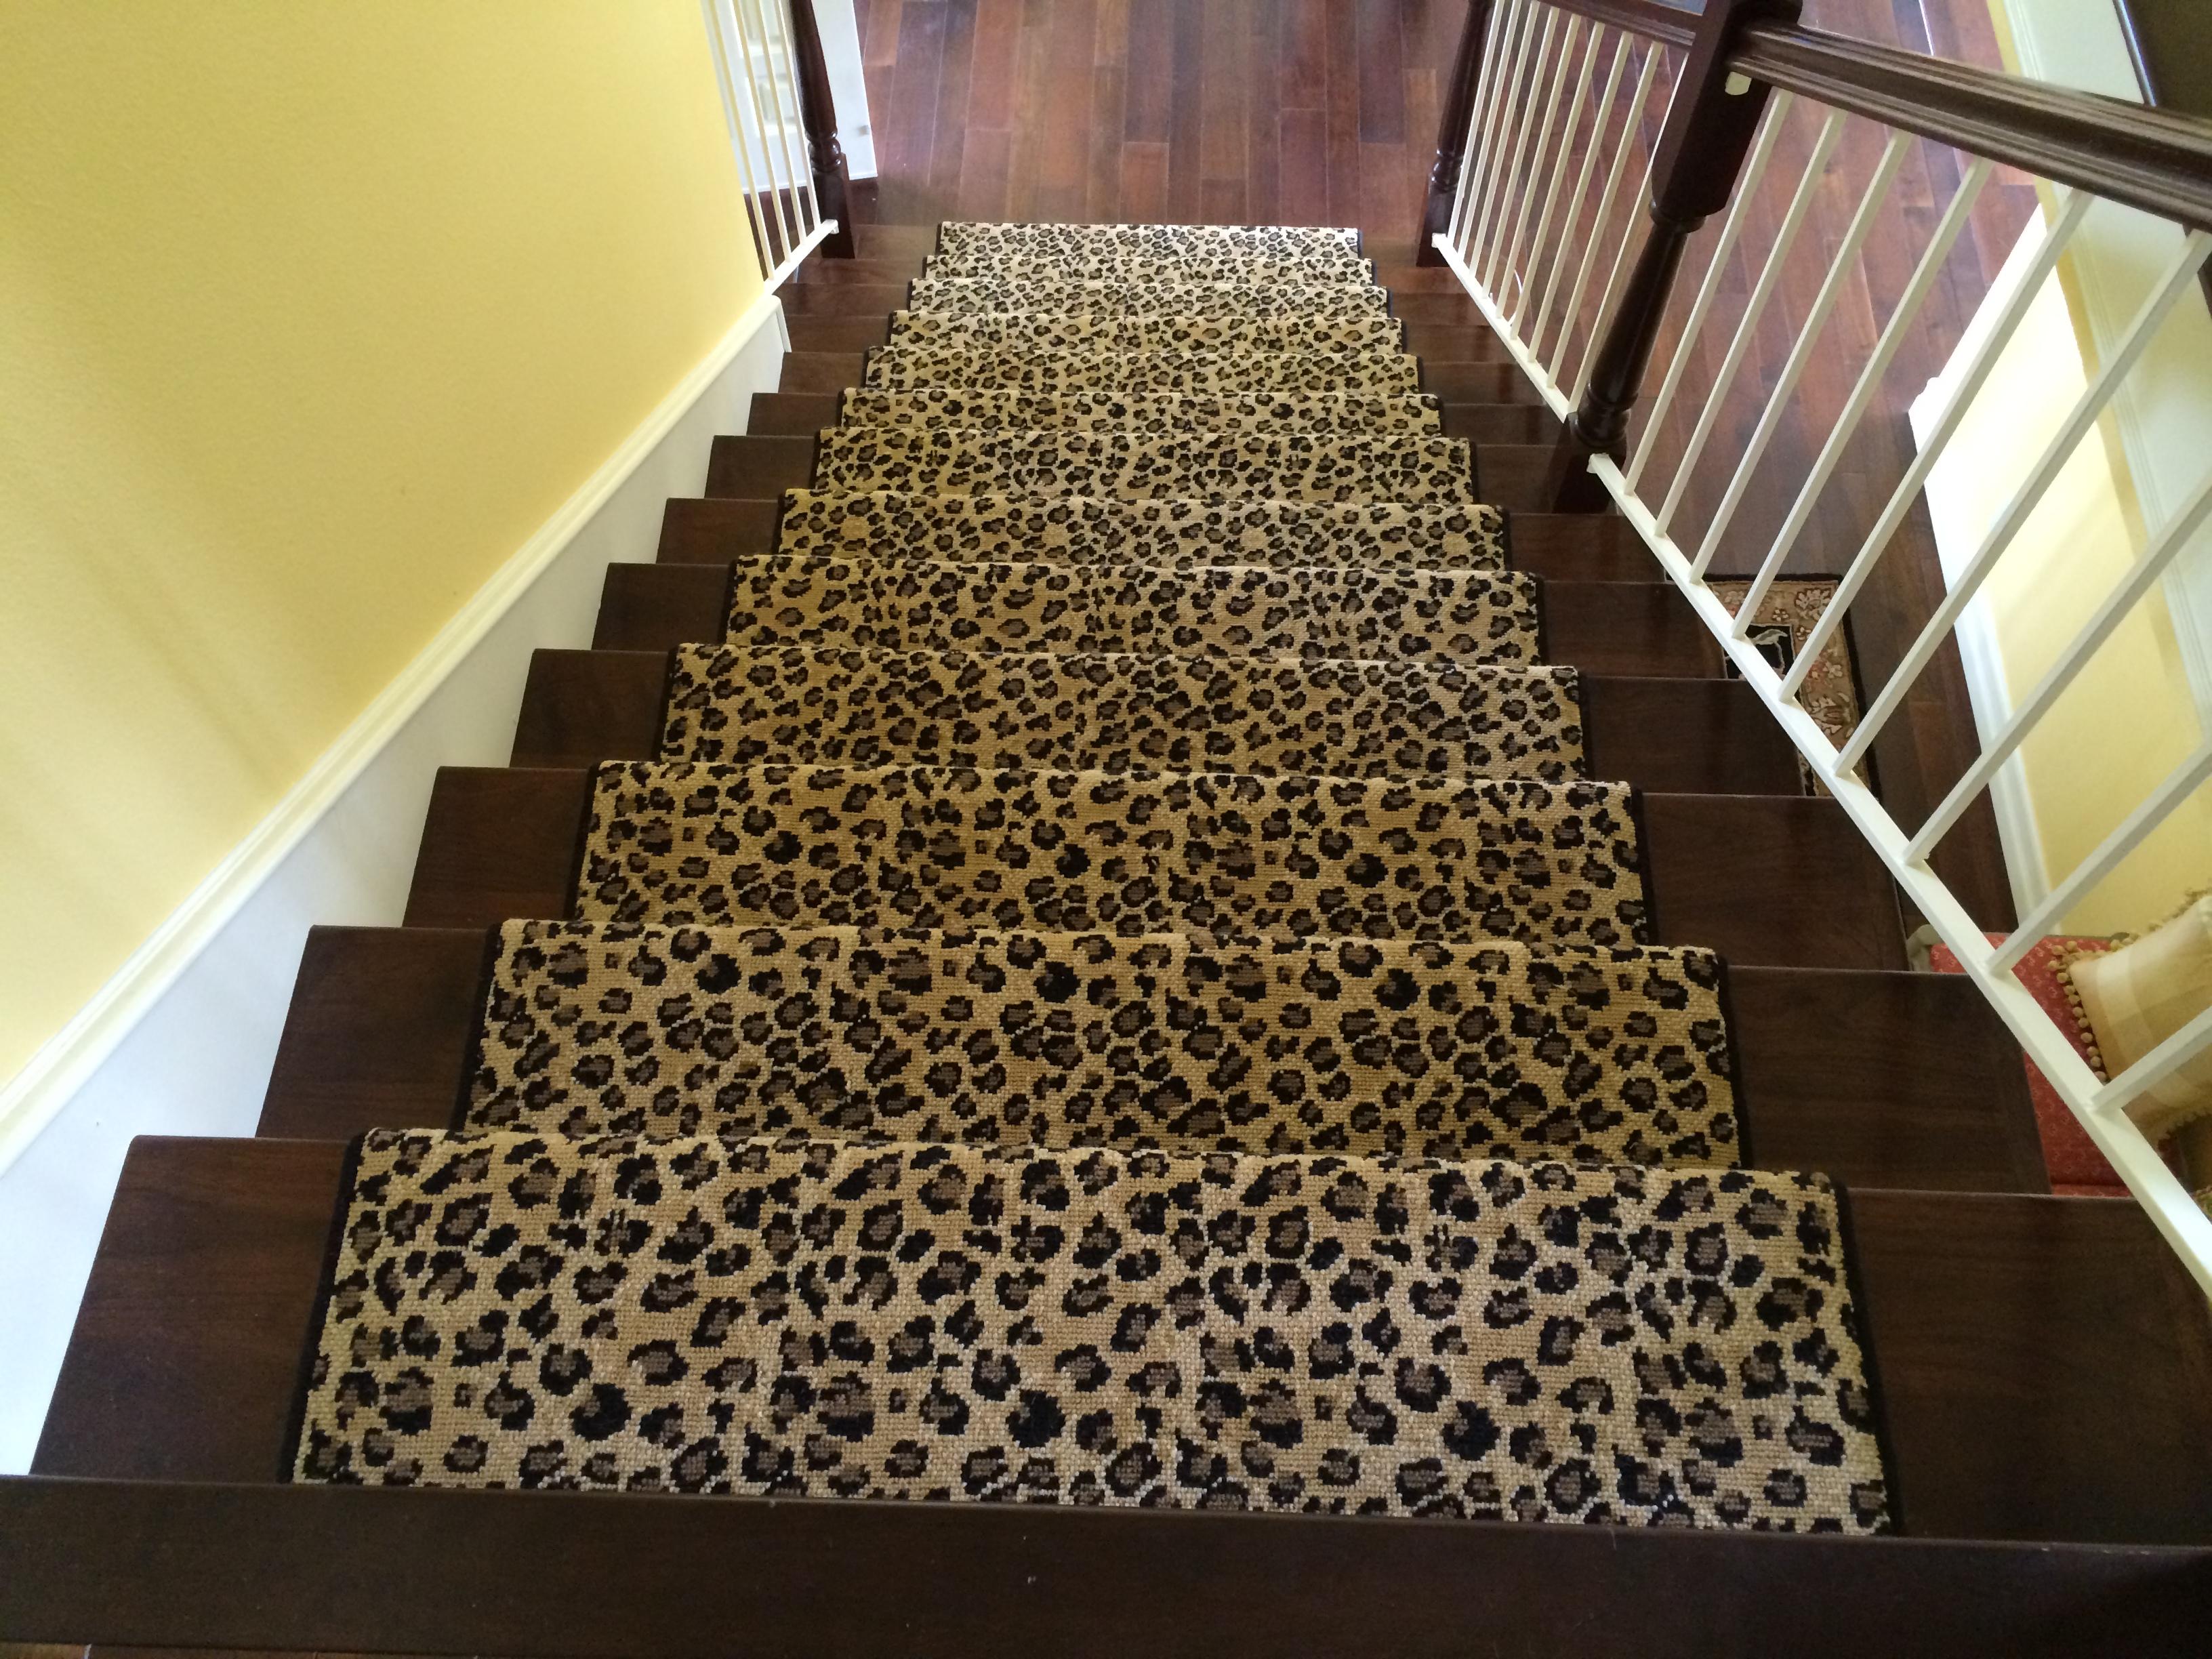 Animal Print Stair Runner Carpet